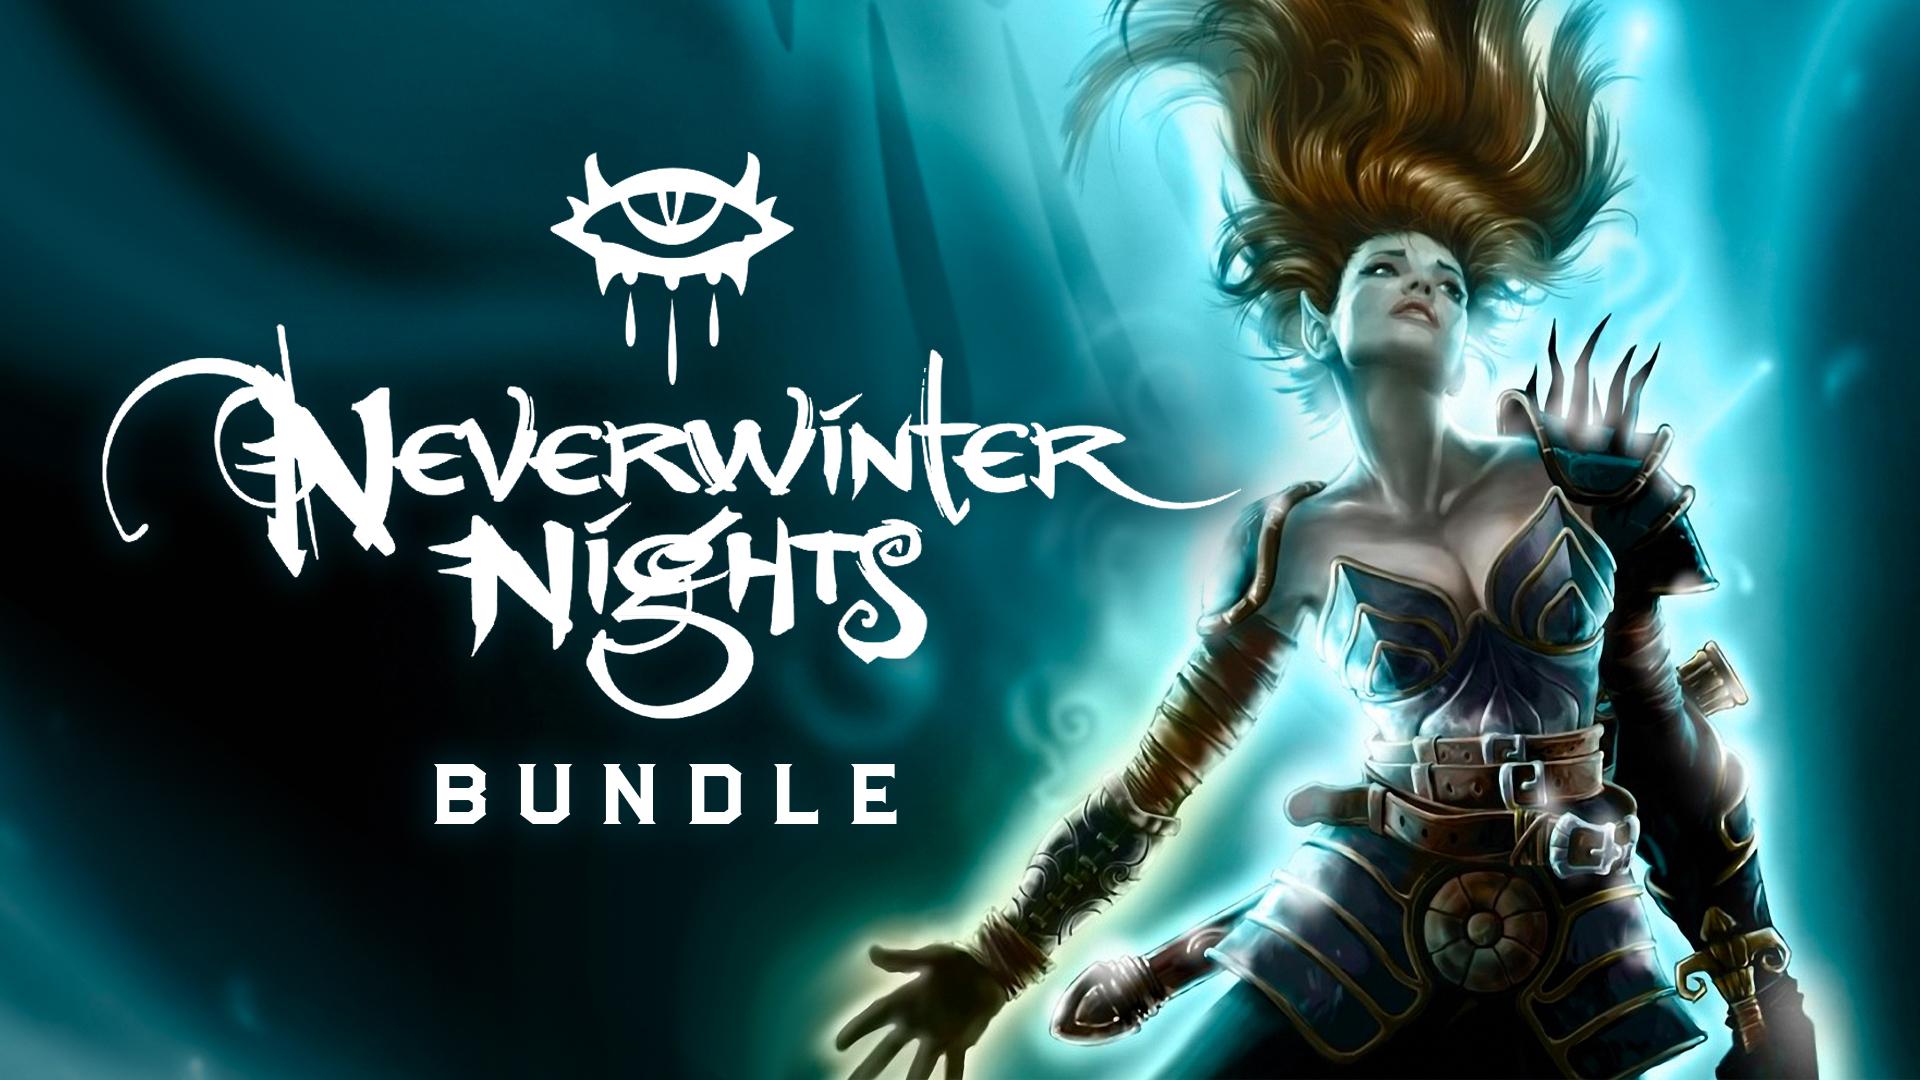 bon plan neverwinter nights bundle sur fanatical | RPG Jeuxvidéo